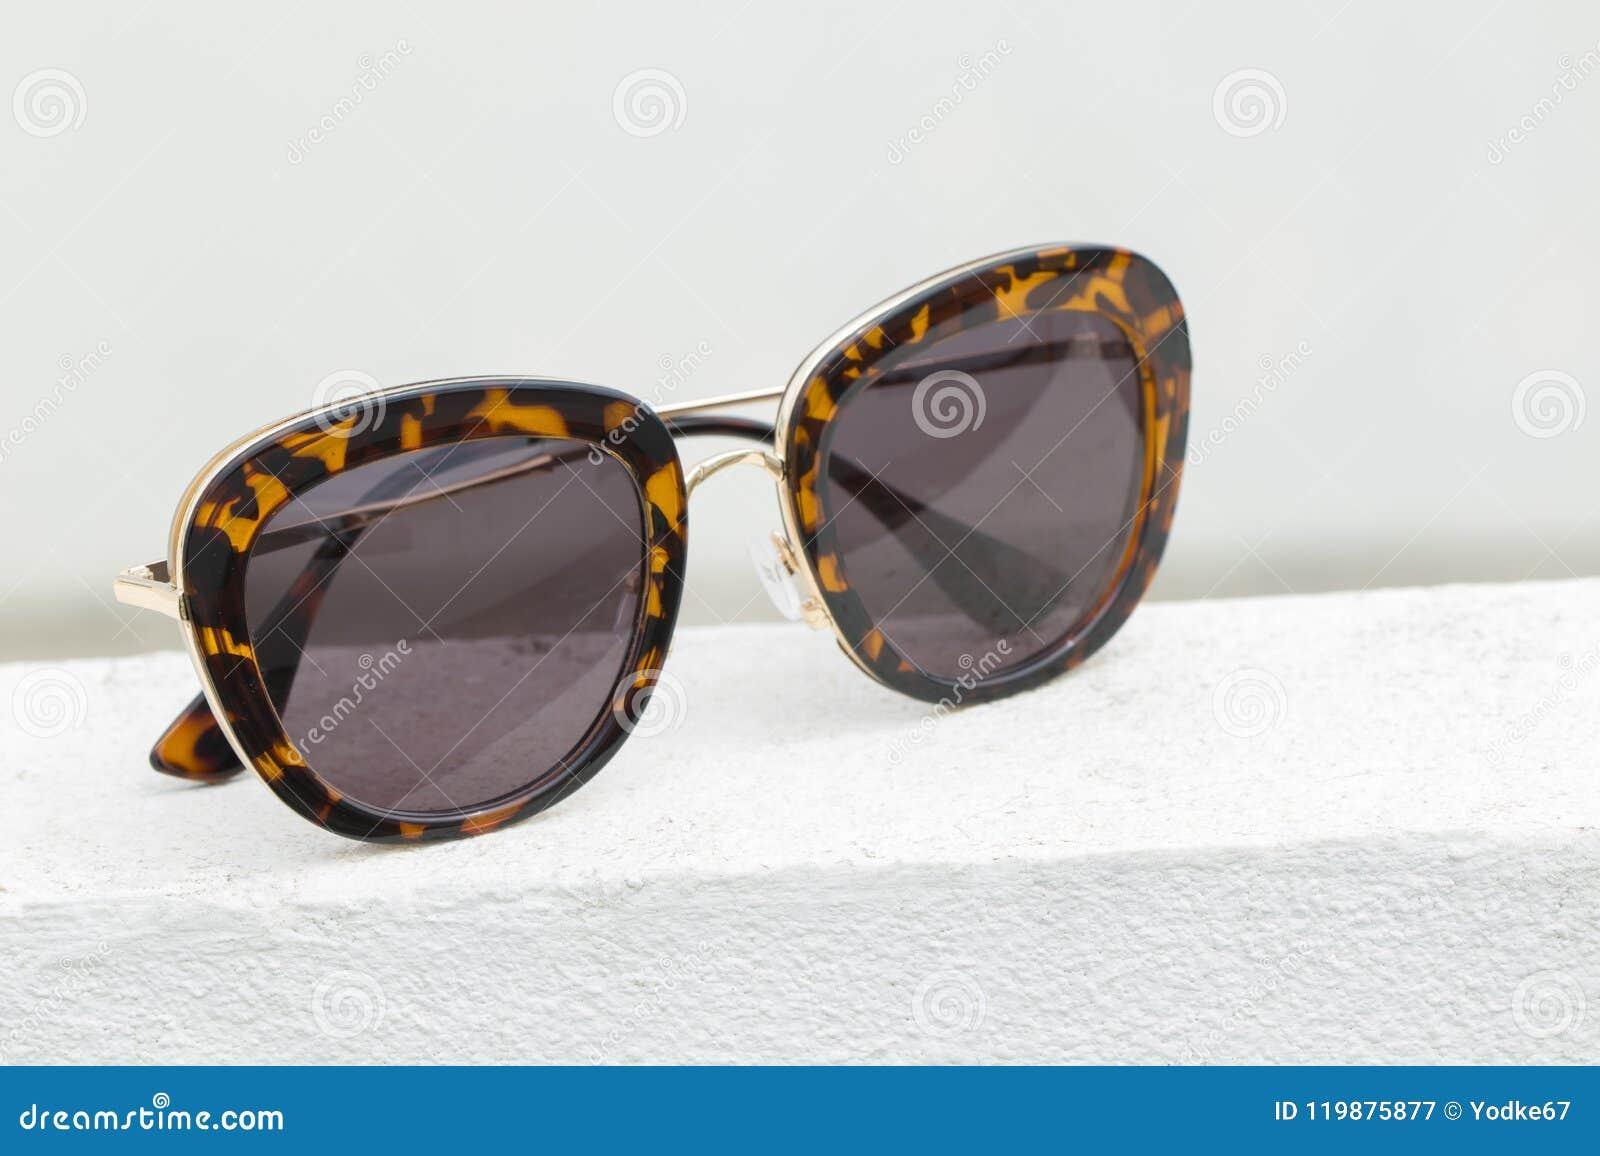 c1af29542ba20 Imagem De óculos De Sol Elegantes Modernos No Assoalho Branco Imagem ...